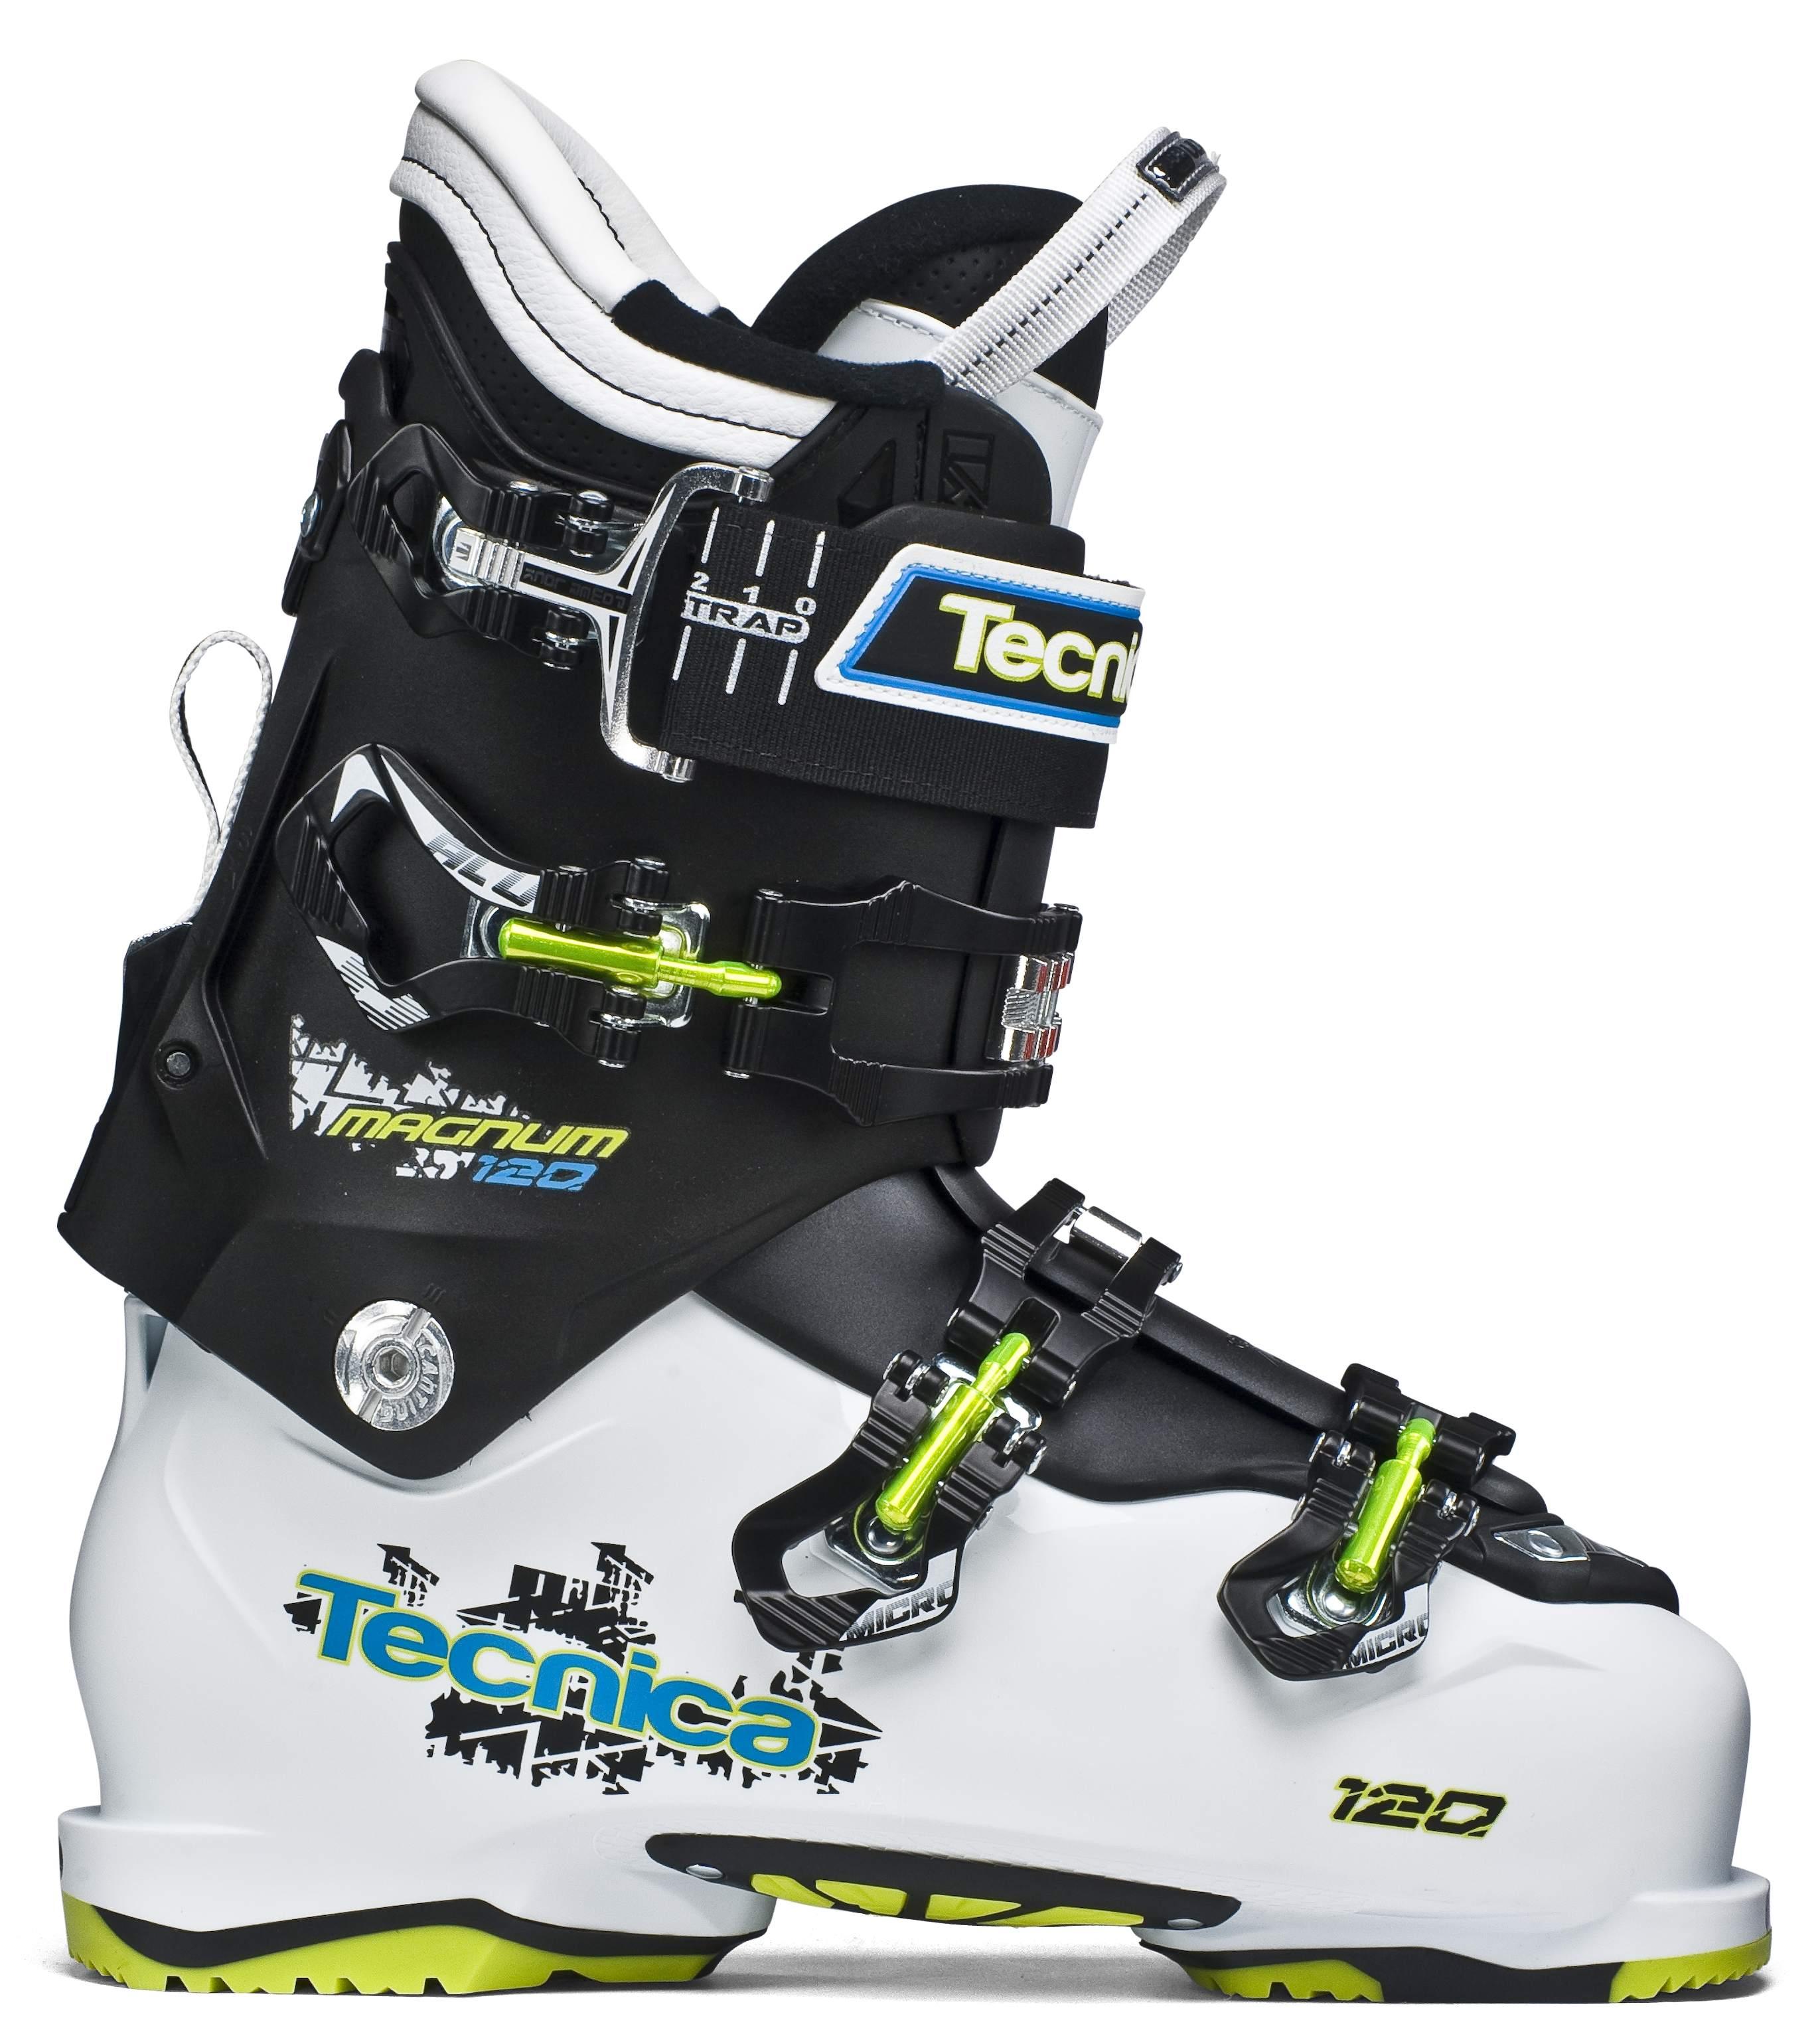 Lyžařské boty Tecnica Magnum 120 HVL Barva: bílá/černá, Velikost: 275